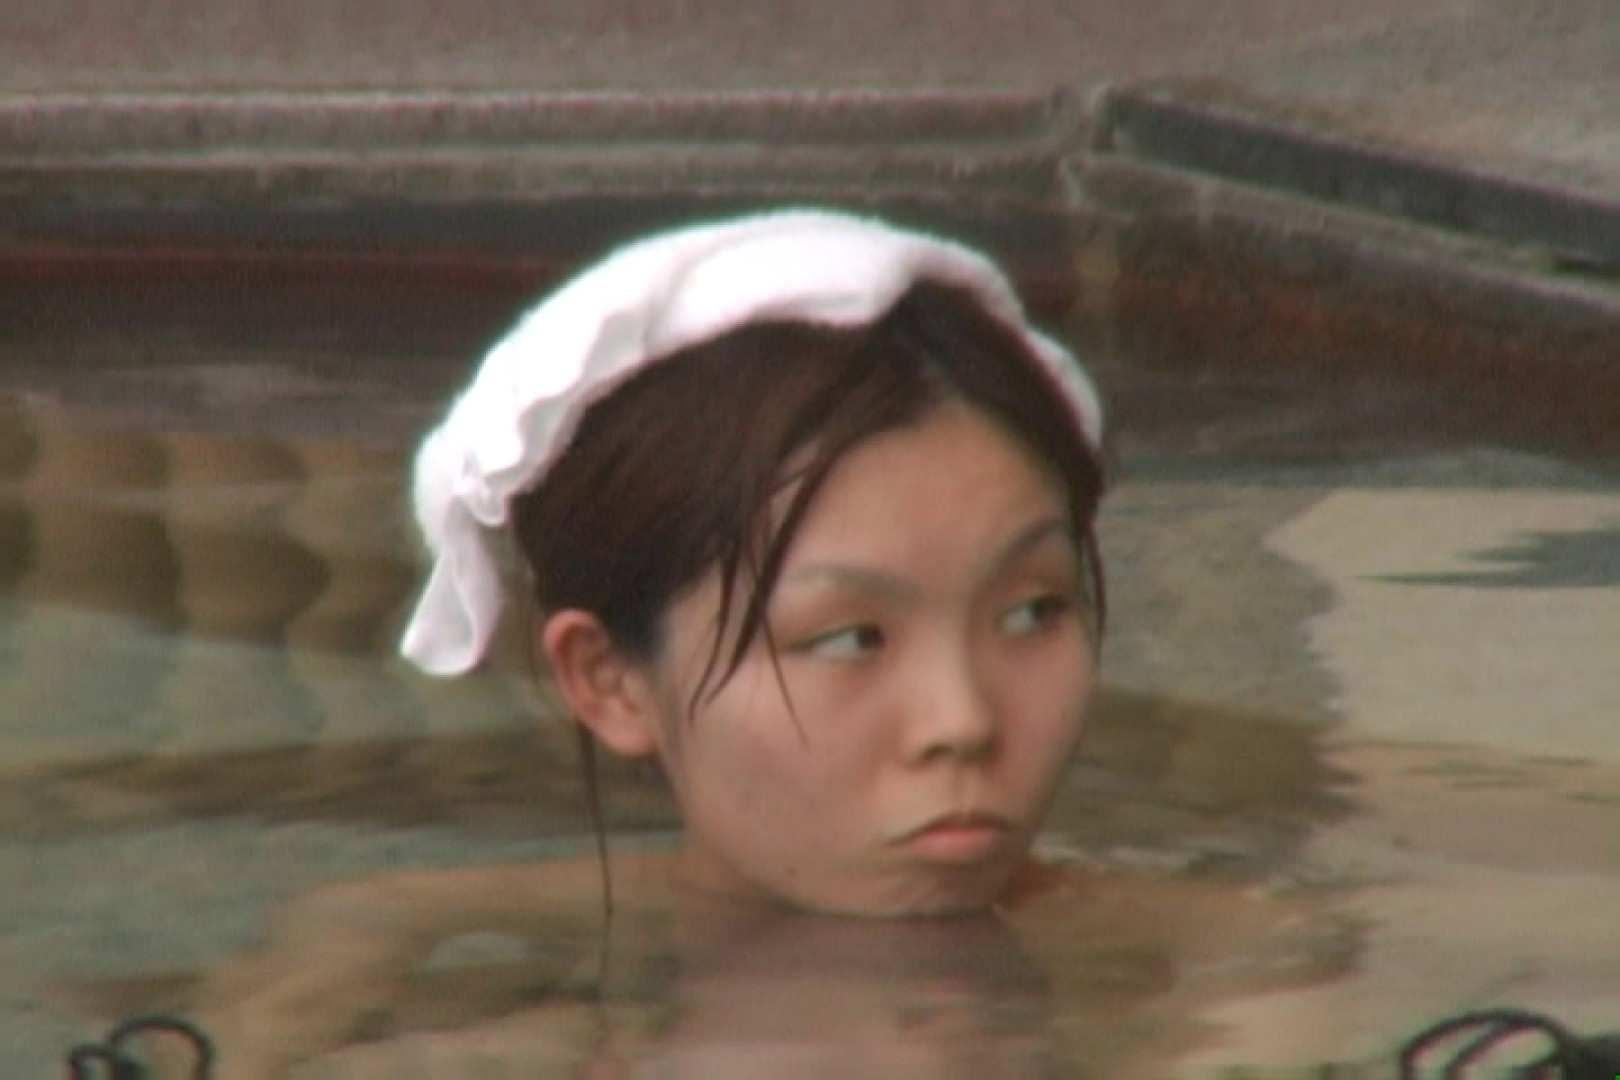 Aquaな露天風呂Vol.580 盗撮師作品 | 美しいOLの裸体  98pic 64